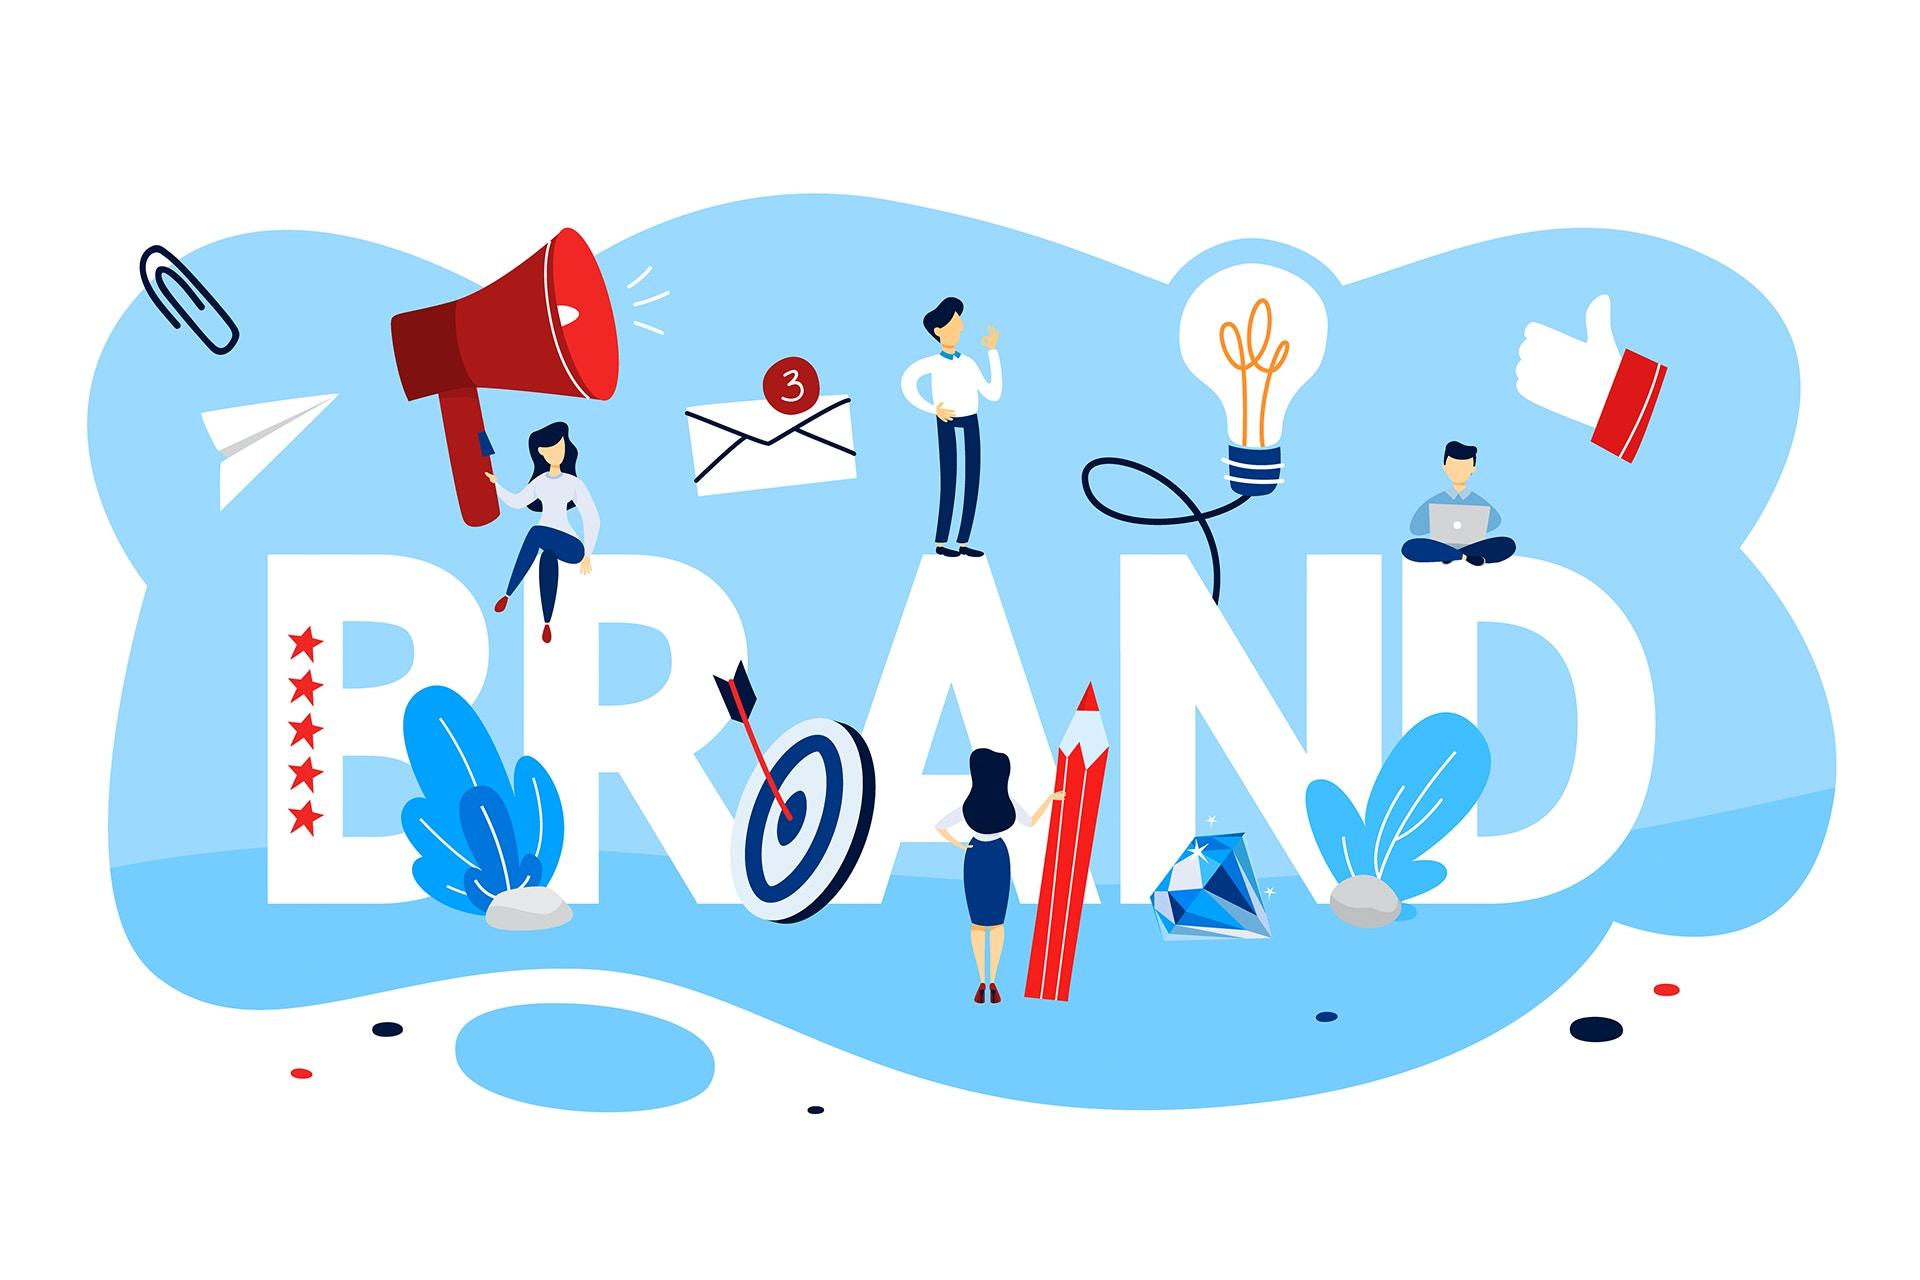 Illustraatio brändiin liittyvistä asioista, keskellä teksti: brand